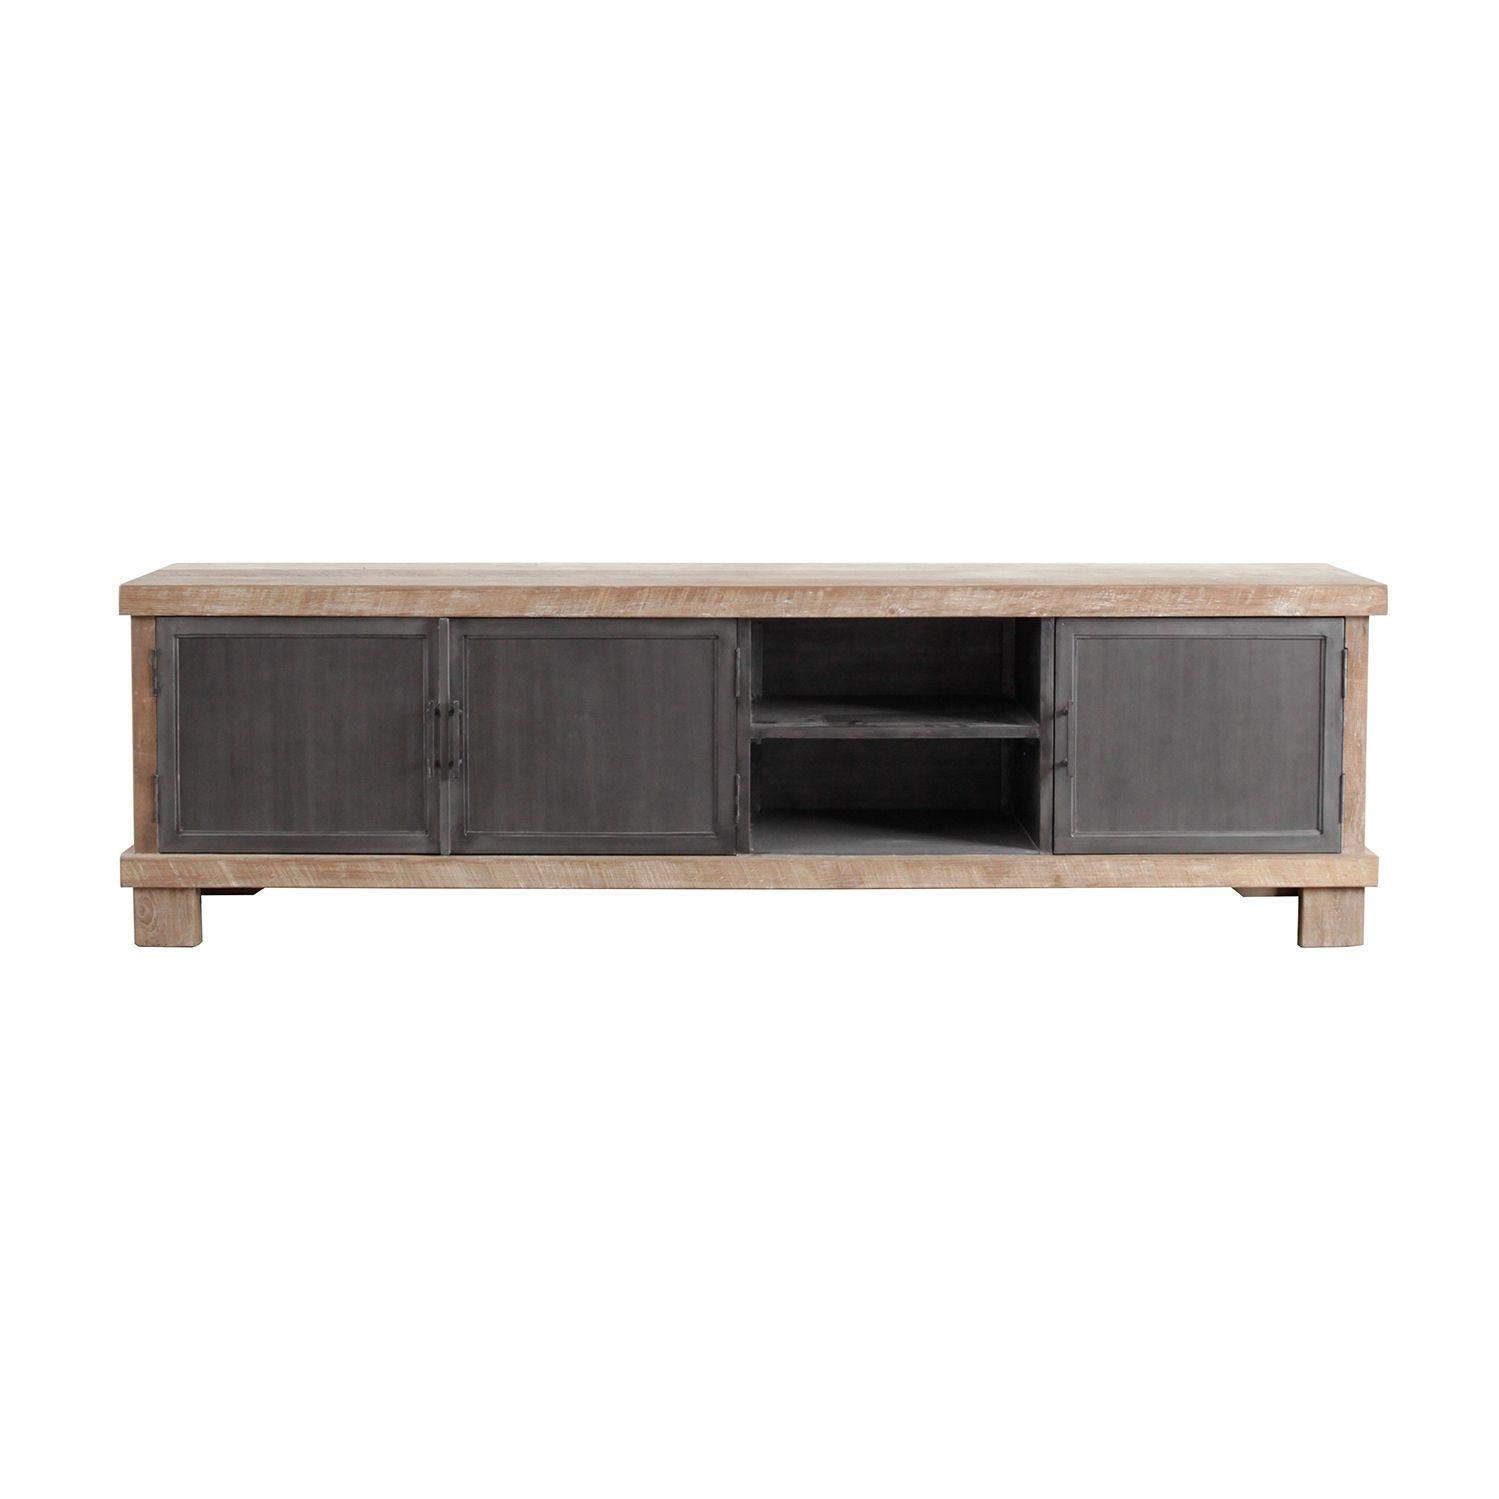 Geneve TV meubel Eleonora 3 vergelijken Eleonora